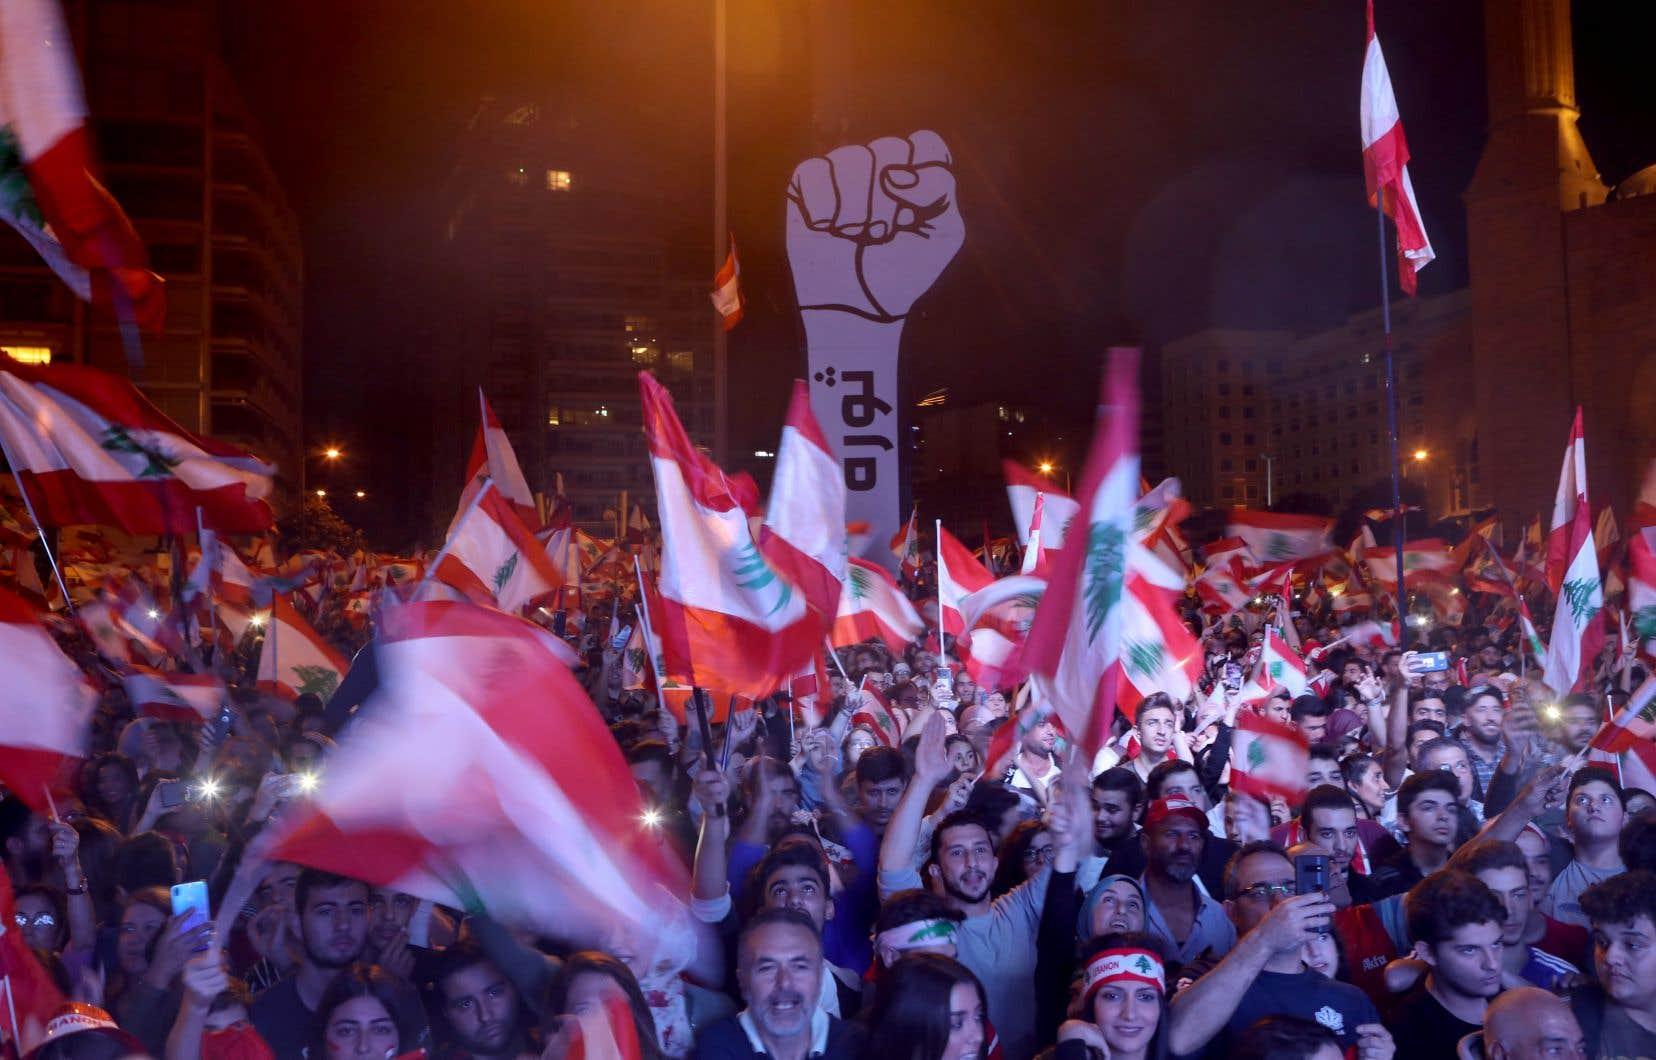 Dimanche soir la place des Martyrs, au coeur de Beyrouth, était noire de monde. Les manifestants ont afflué par milliers avec des drapeaux et des pancartes.